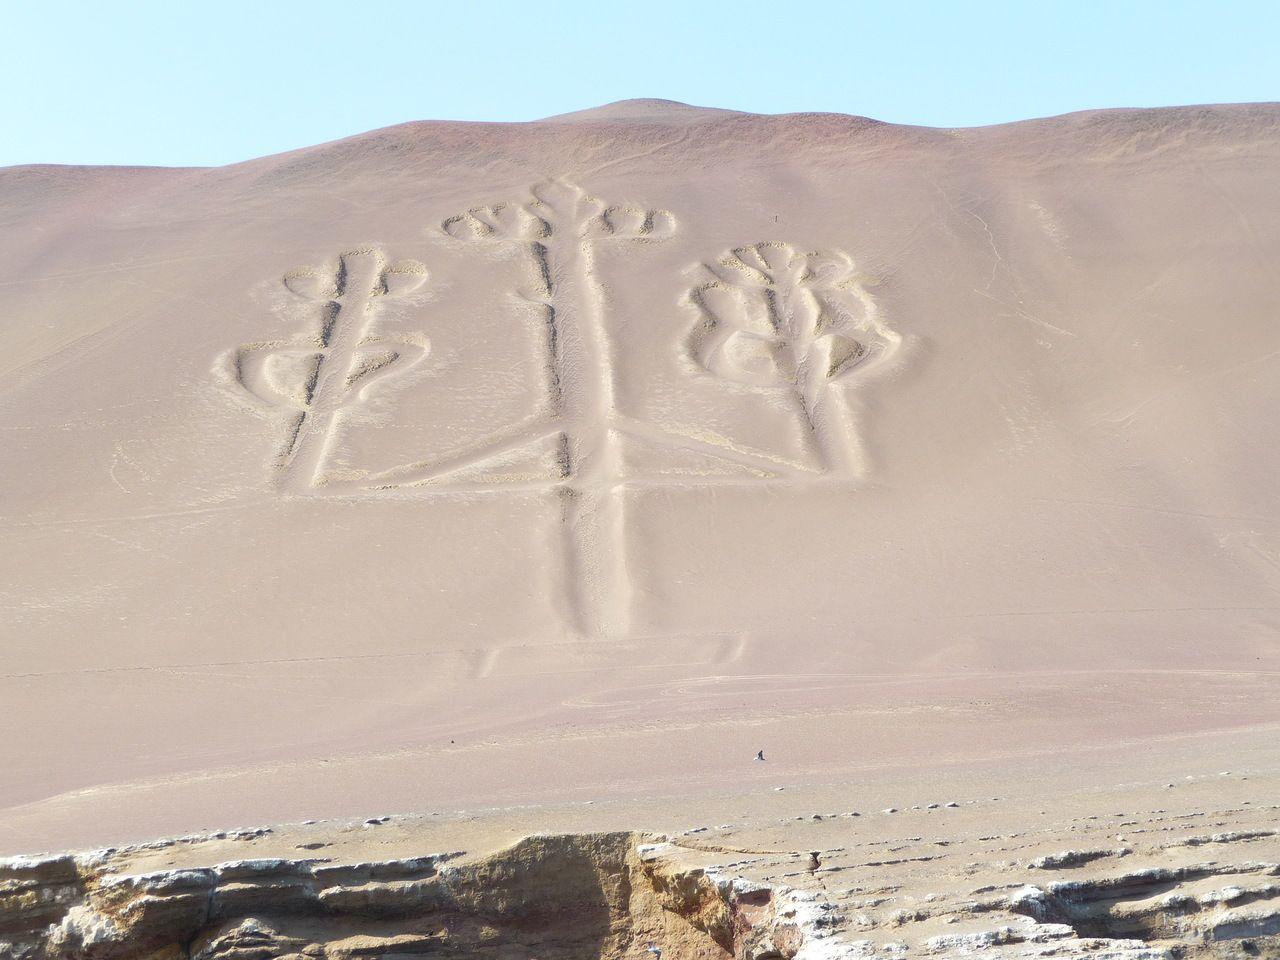 Перу OA4/F5LIT DX Новости Туристические достопримечательности  Пиратский знак